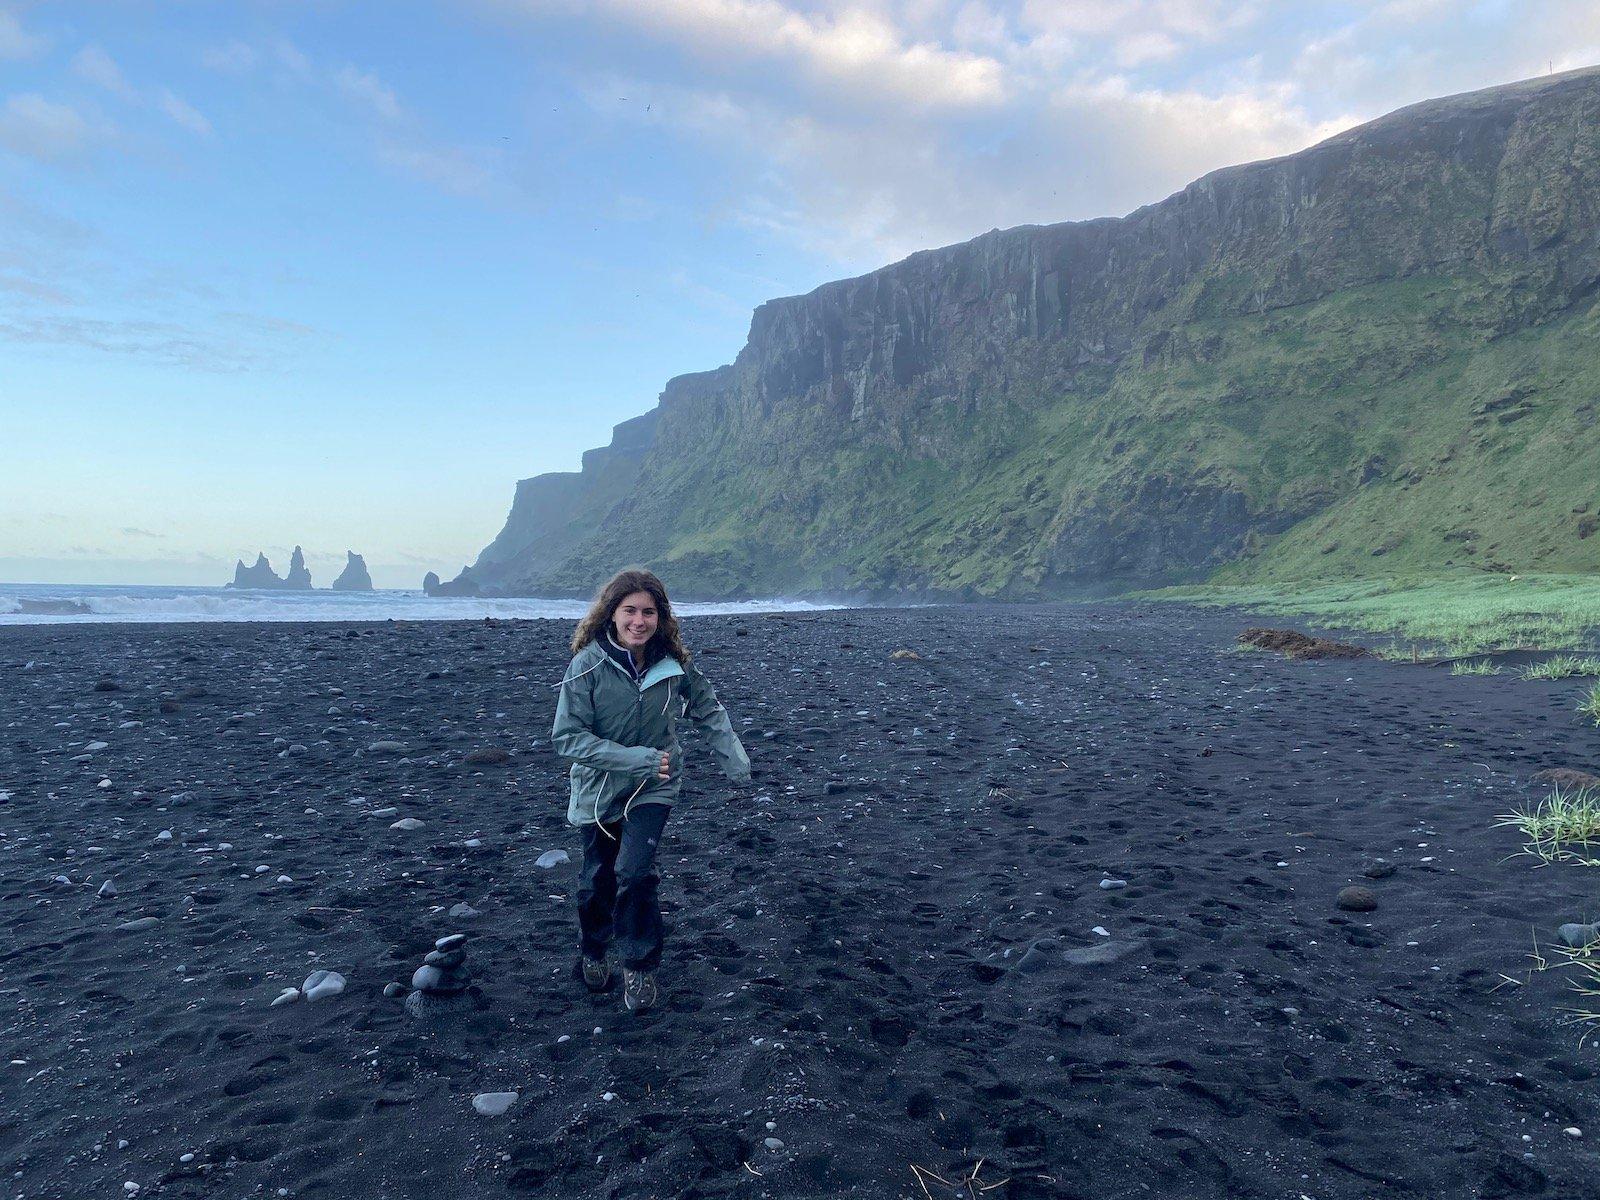 Teen girl running on black beach in Iceland.